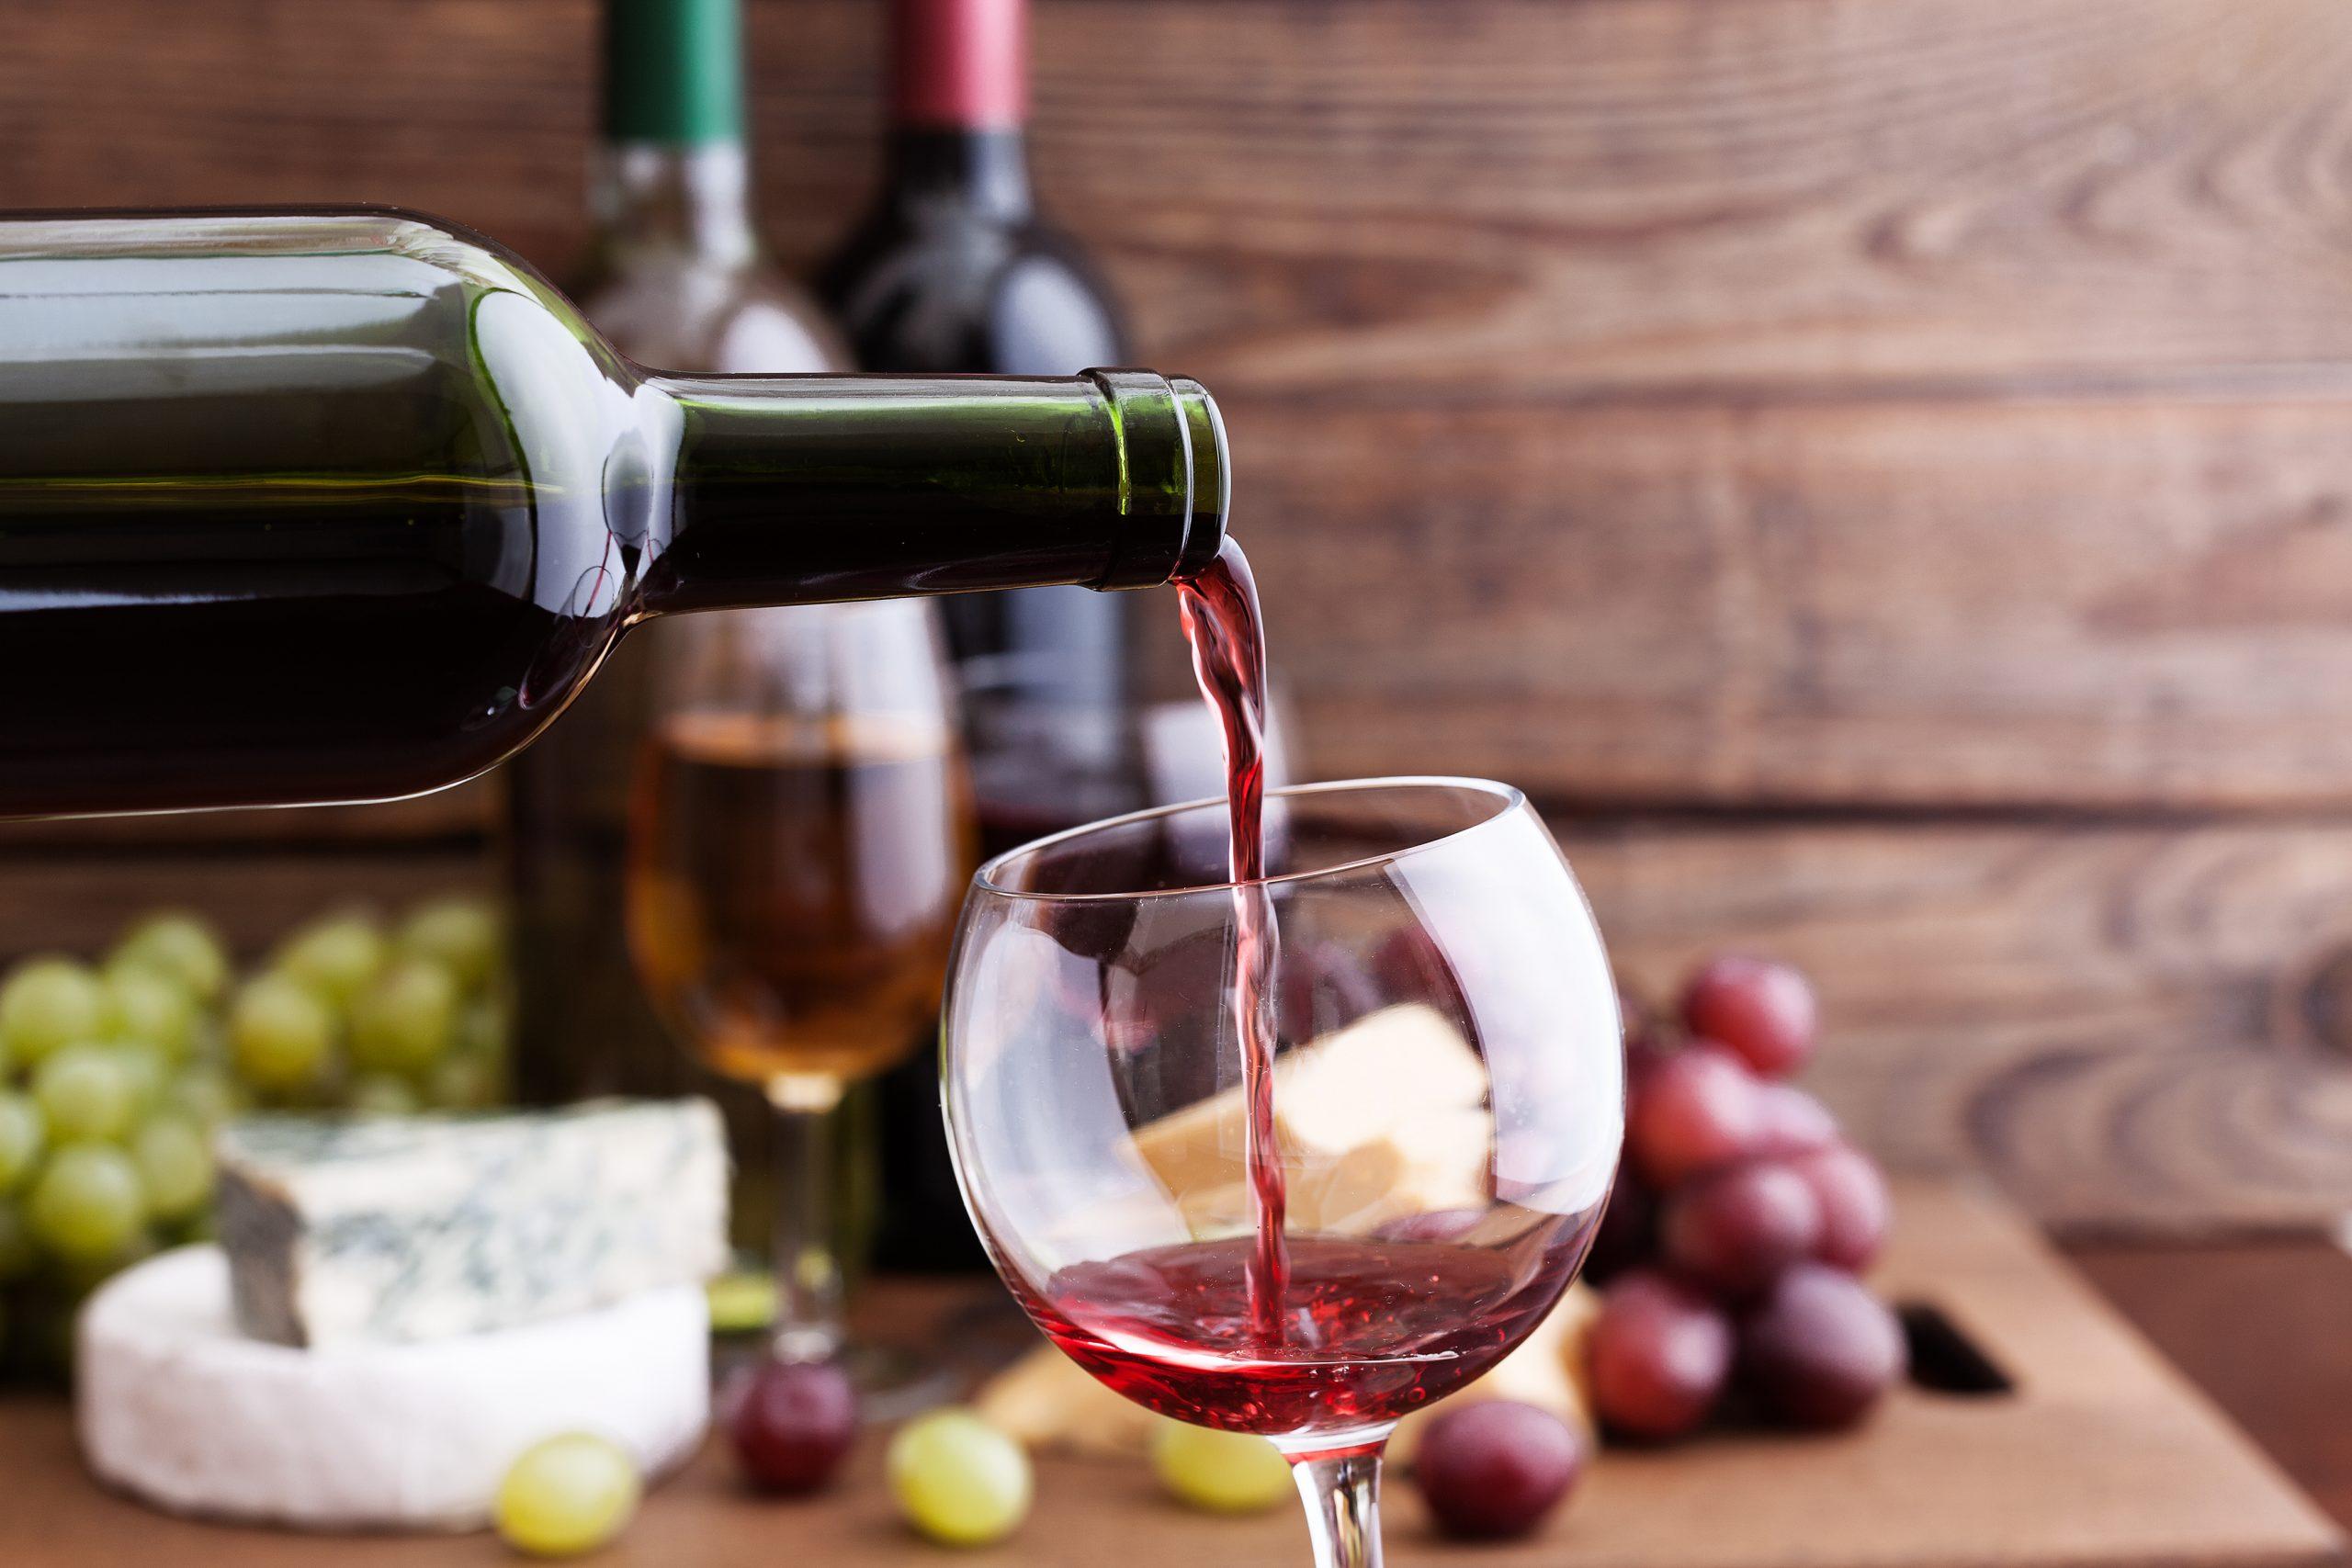 Fiesta de la vendimia: copa de vino servida